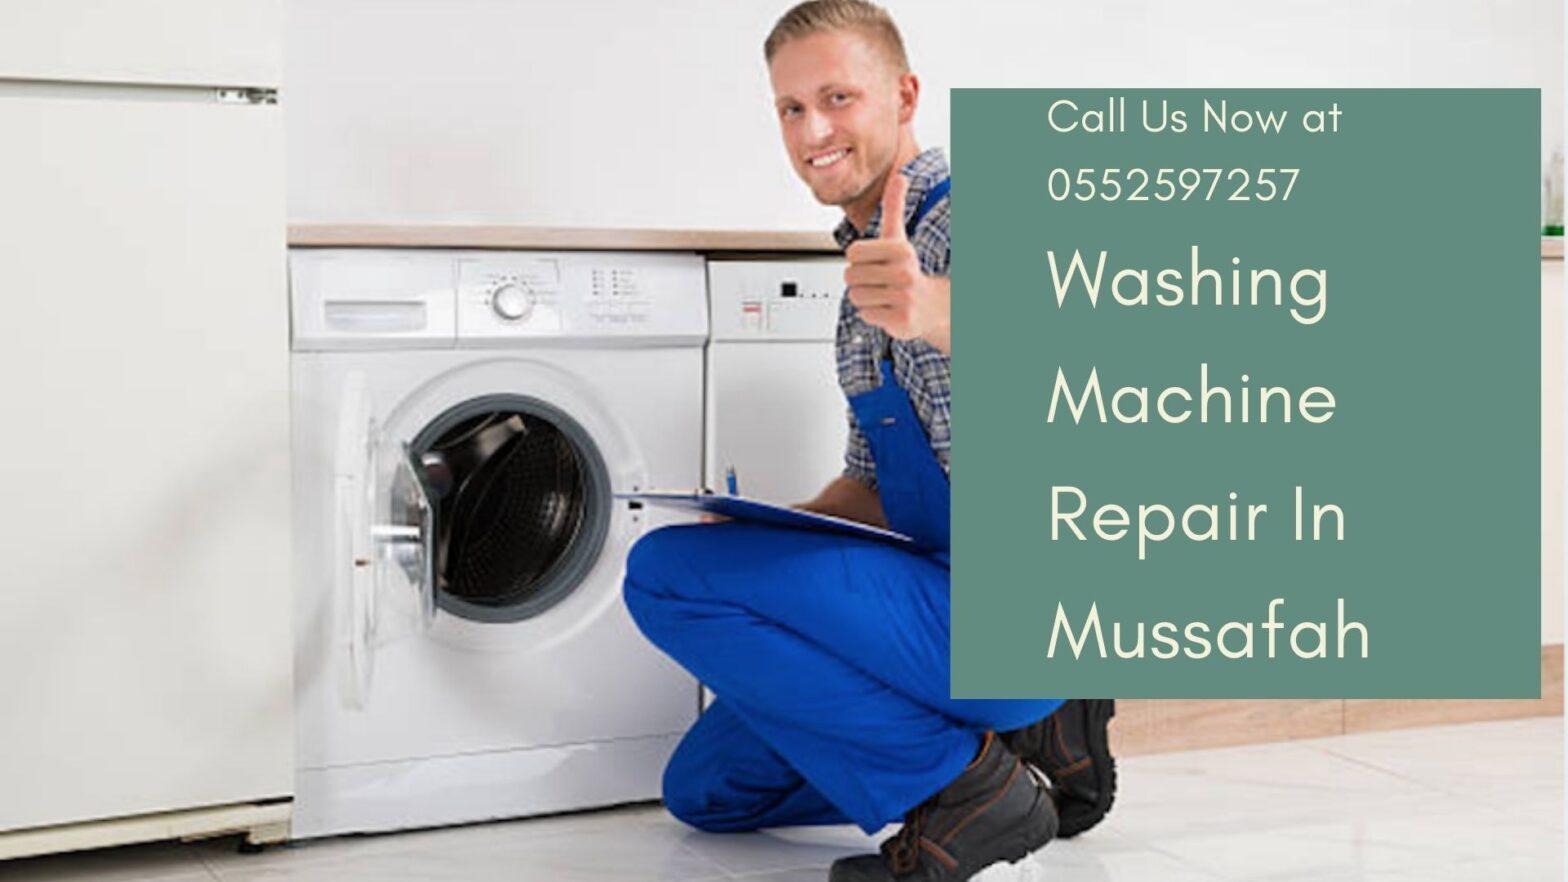 Washing Machine repair in Mussafah